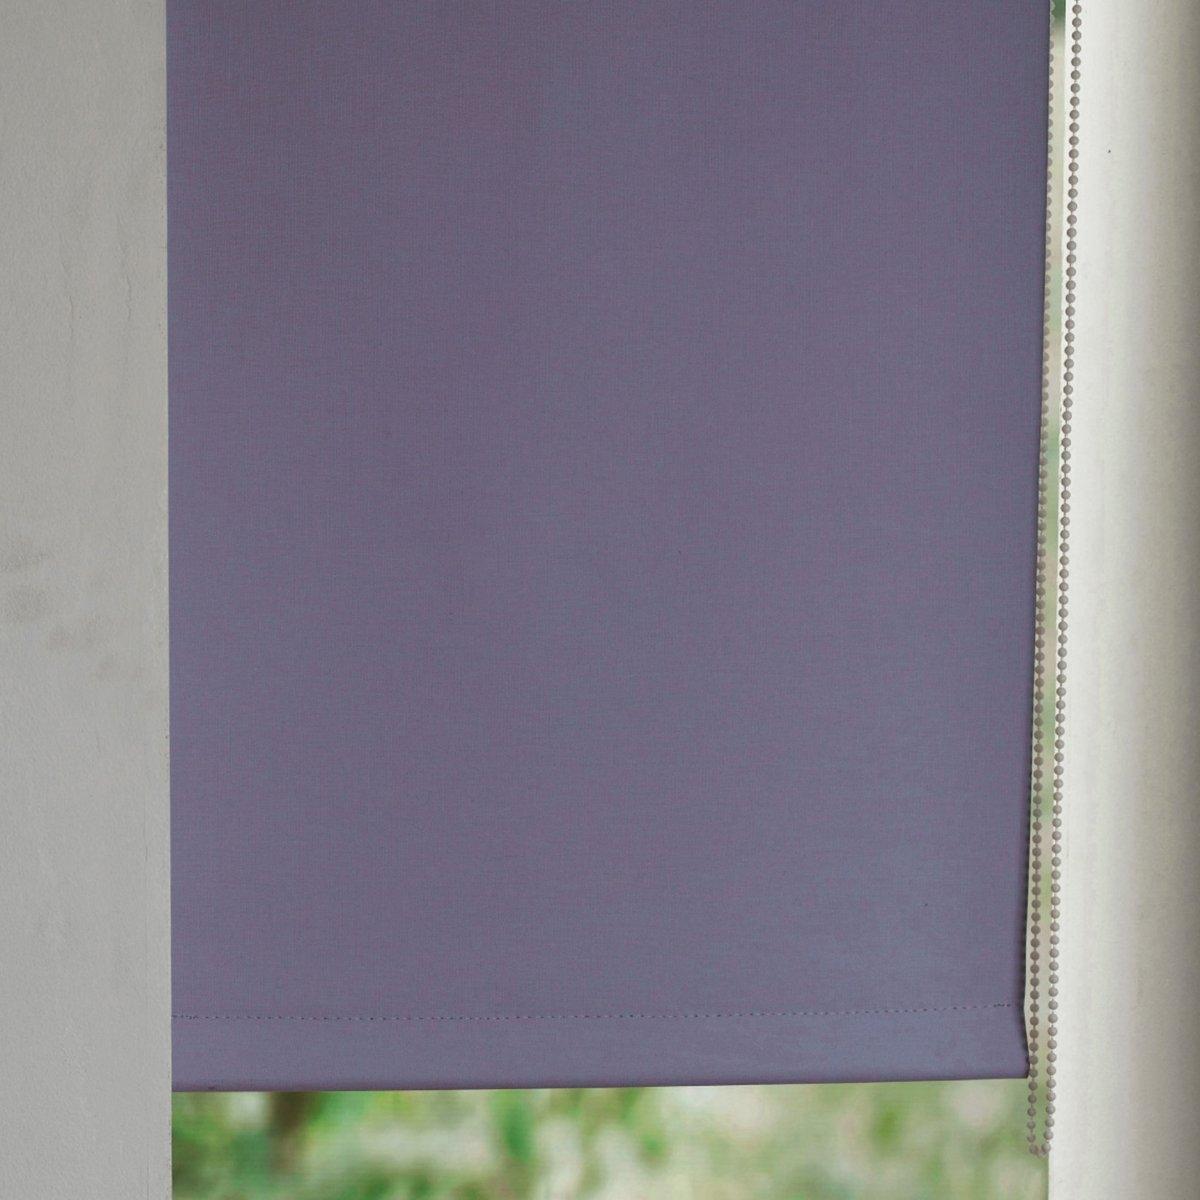 Штора рулонная, затемняющая, узкаяХарактеристики затемняющей рулонной шторы :Плотная ткань из 100% полиэстера. Тяжелая рейка внизу. Лицевая сторона из цветного хлопка, оборотная сторона с пропиткой ПВХ, обеспечивающей затемнение   Для всех типов окон. Революционная система крепления без сверления, для окон небольшой ширины (32-42 см), подходит для окон из ПВХ  .Длина регулируется механизмом с цепочкой. Можно отрезать по ширине.Высота: 170 см.                                              Набор креплений для деревянных и алюминиевых окон не входит в комплект.                                                  Производство осуществляется с учетом стандартов по защите окружающей среды и здоровья человека, что подтверждено сертификатом Oeko-tex®.<br><br>Цвет: белый,красный,розовый,серо-бежевый,серо-коричневый каштан,серо-синий,сине-зеленый,черный,ярко-фиолетовый<br>Размер: 170 x 32 см.170 x 37 см.170 x 37 см